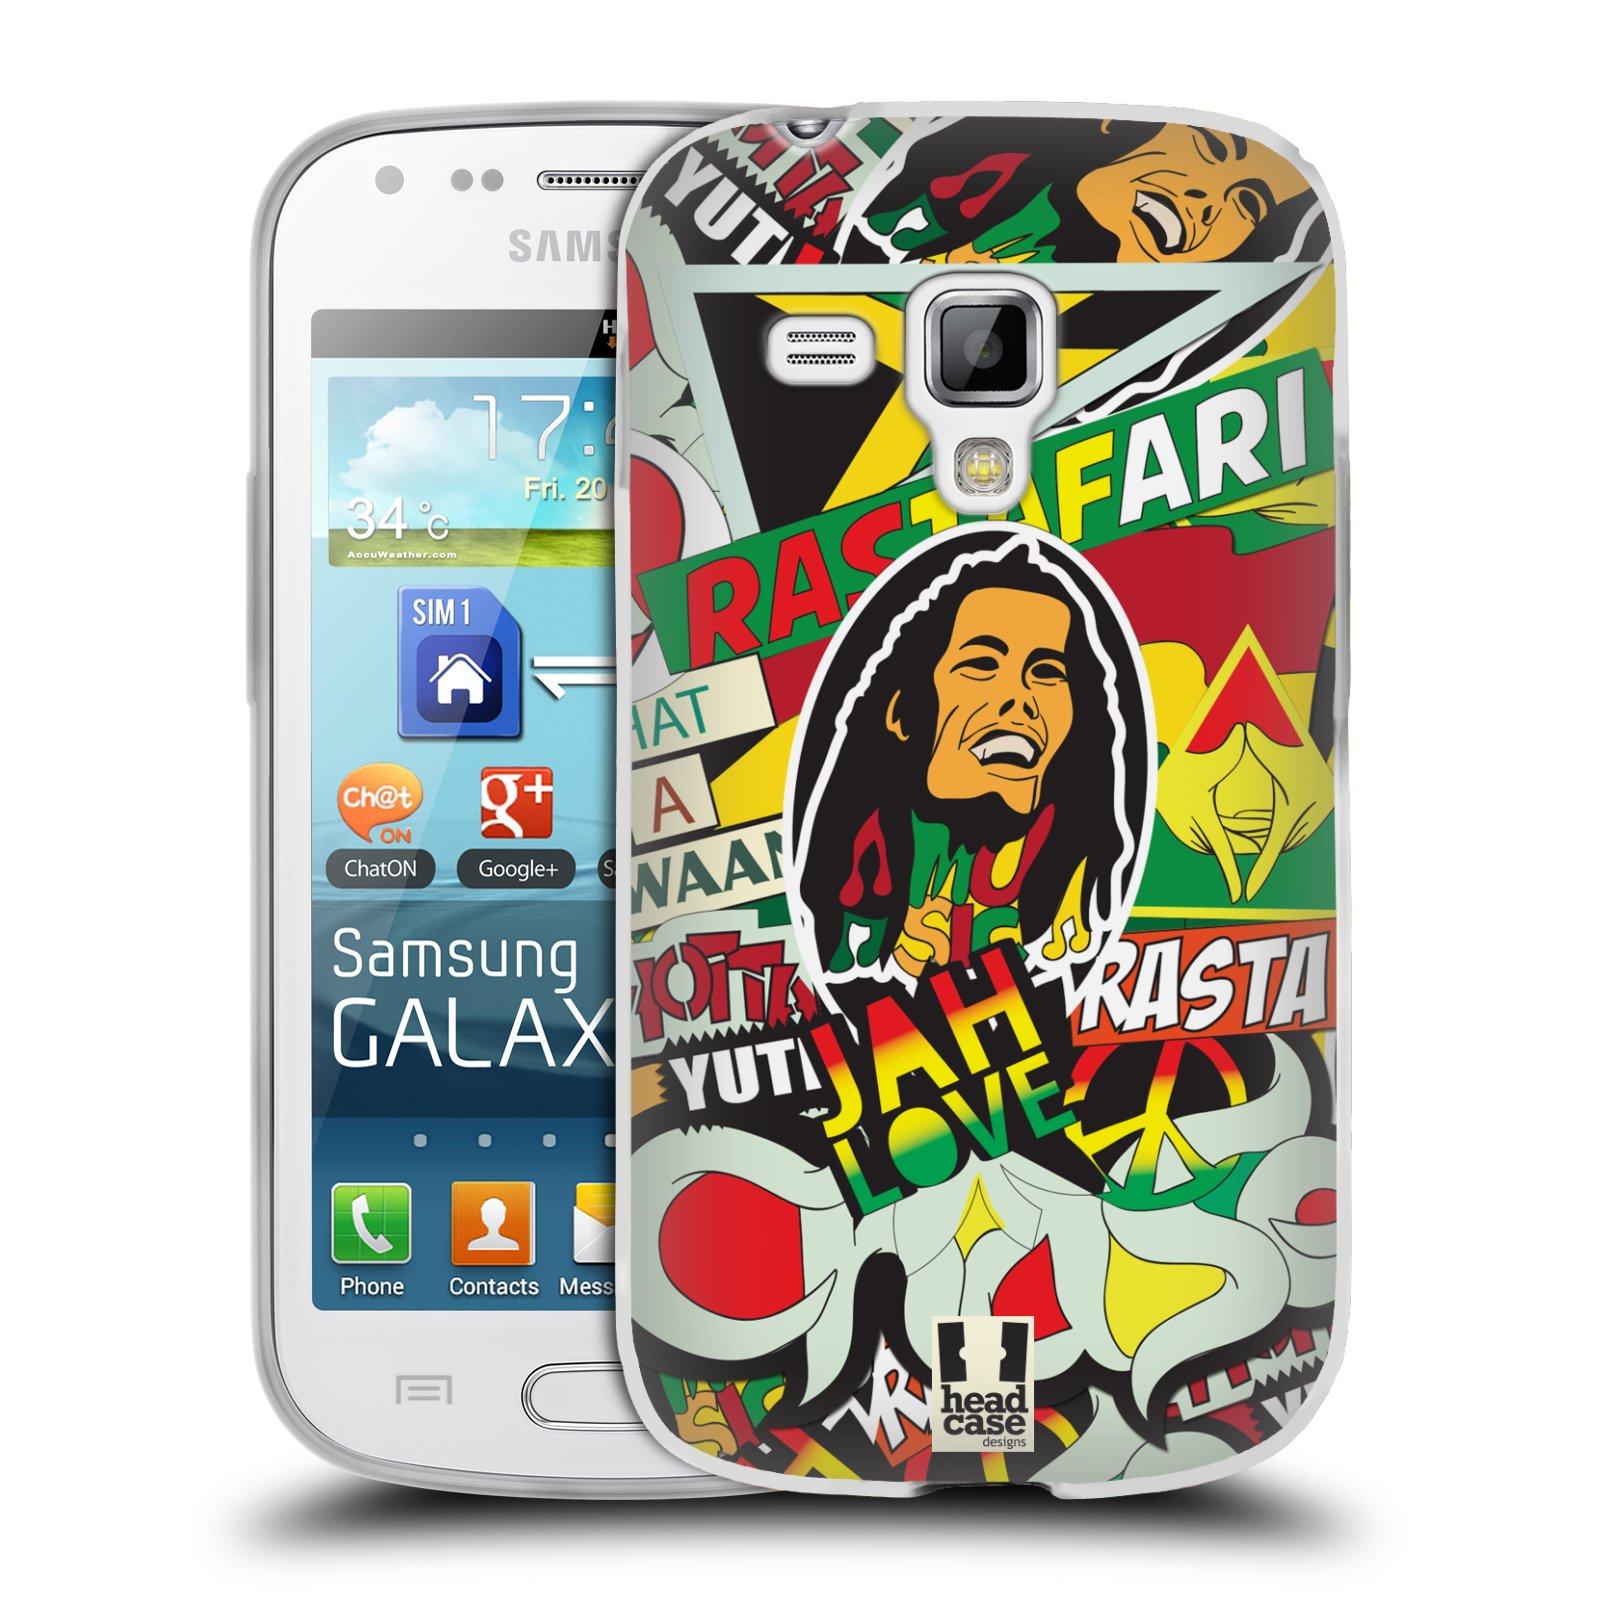 Silikonové pouzdro na mobil Samsung Galaxy Trend HEAD CASE RASTA (Silikonový kryt či obal na mobilní telefon Samsung Galaxy Trend GT-S7560)